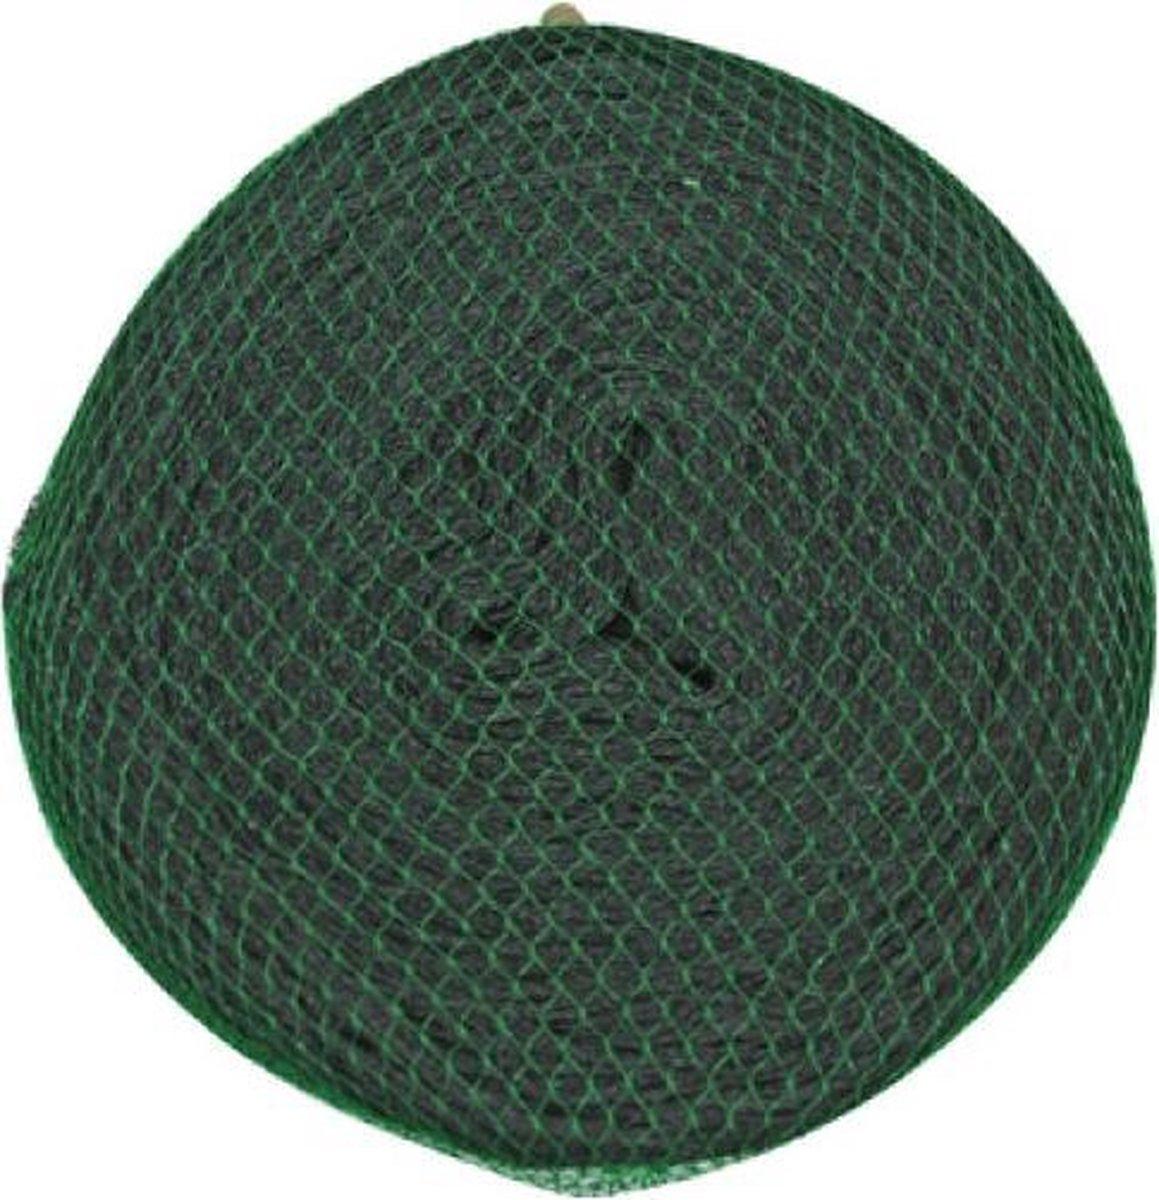 Hendrik Jan - Vogelnet - Maaswijdte 8 mm - 5x10 meter - Groen